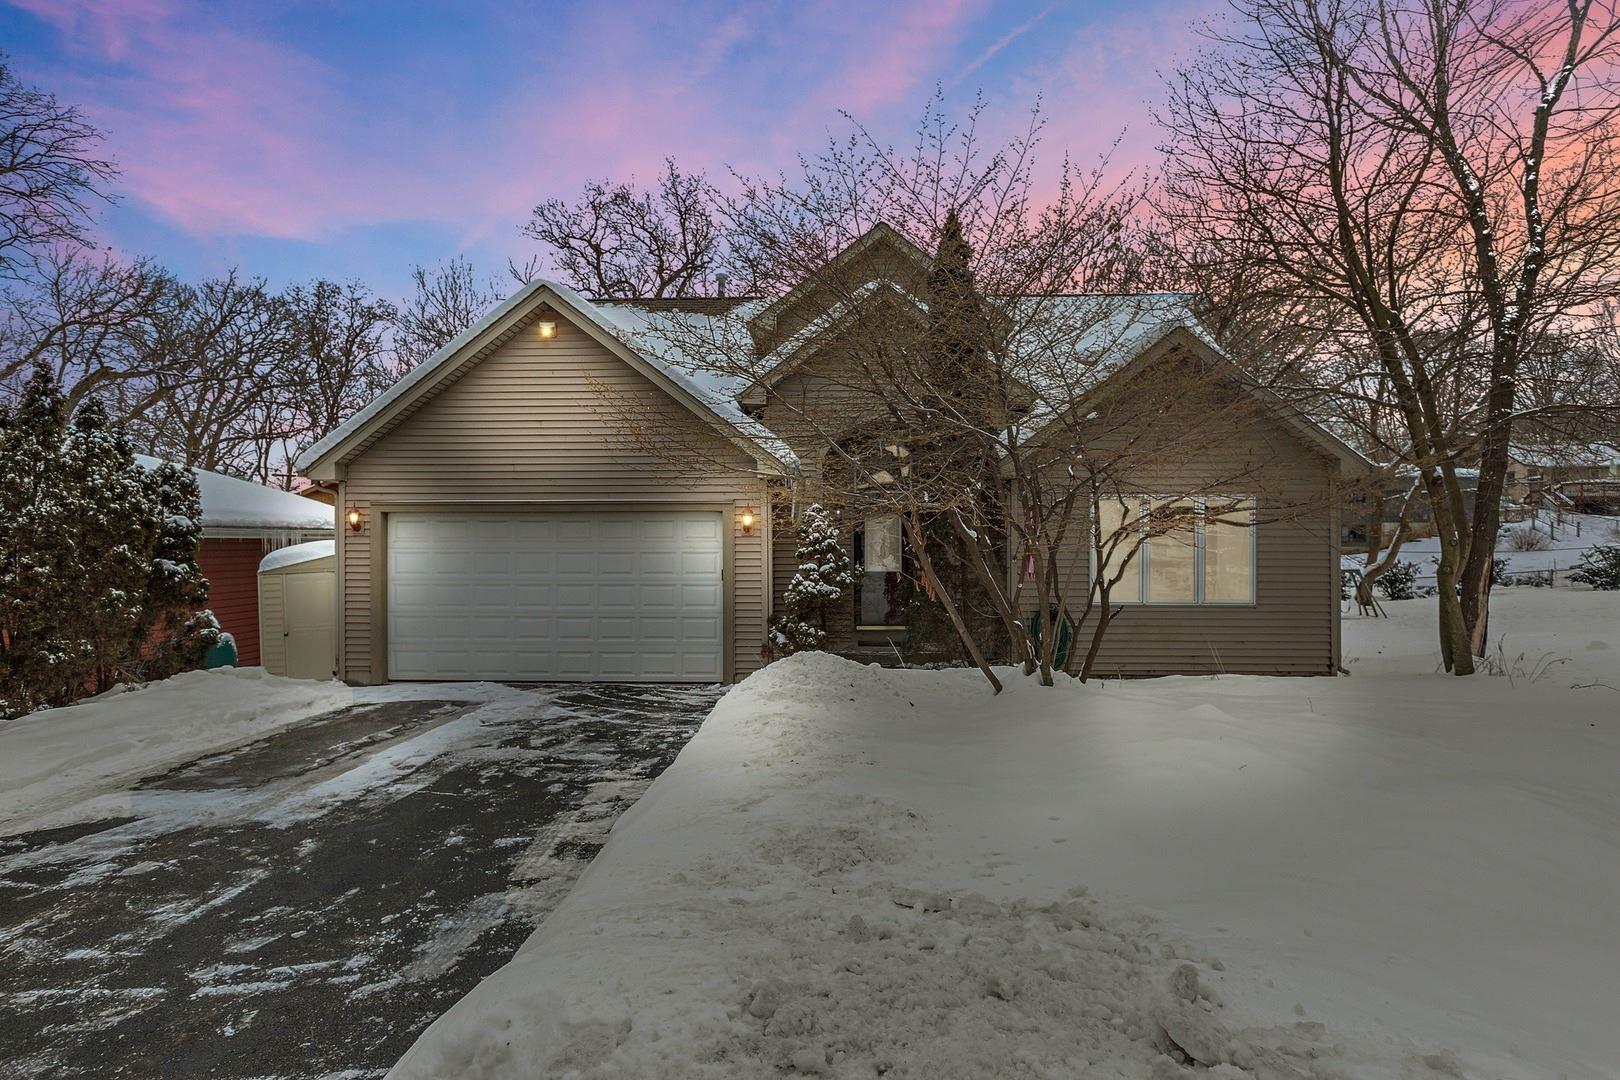 217 Lakewood Drive, Oakwood Hills, IL 60013 - #: 10991771